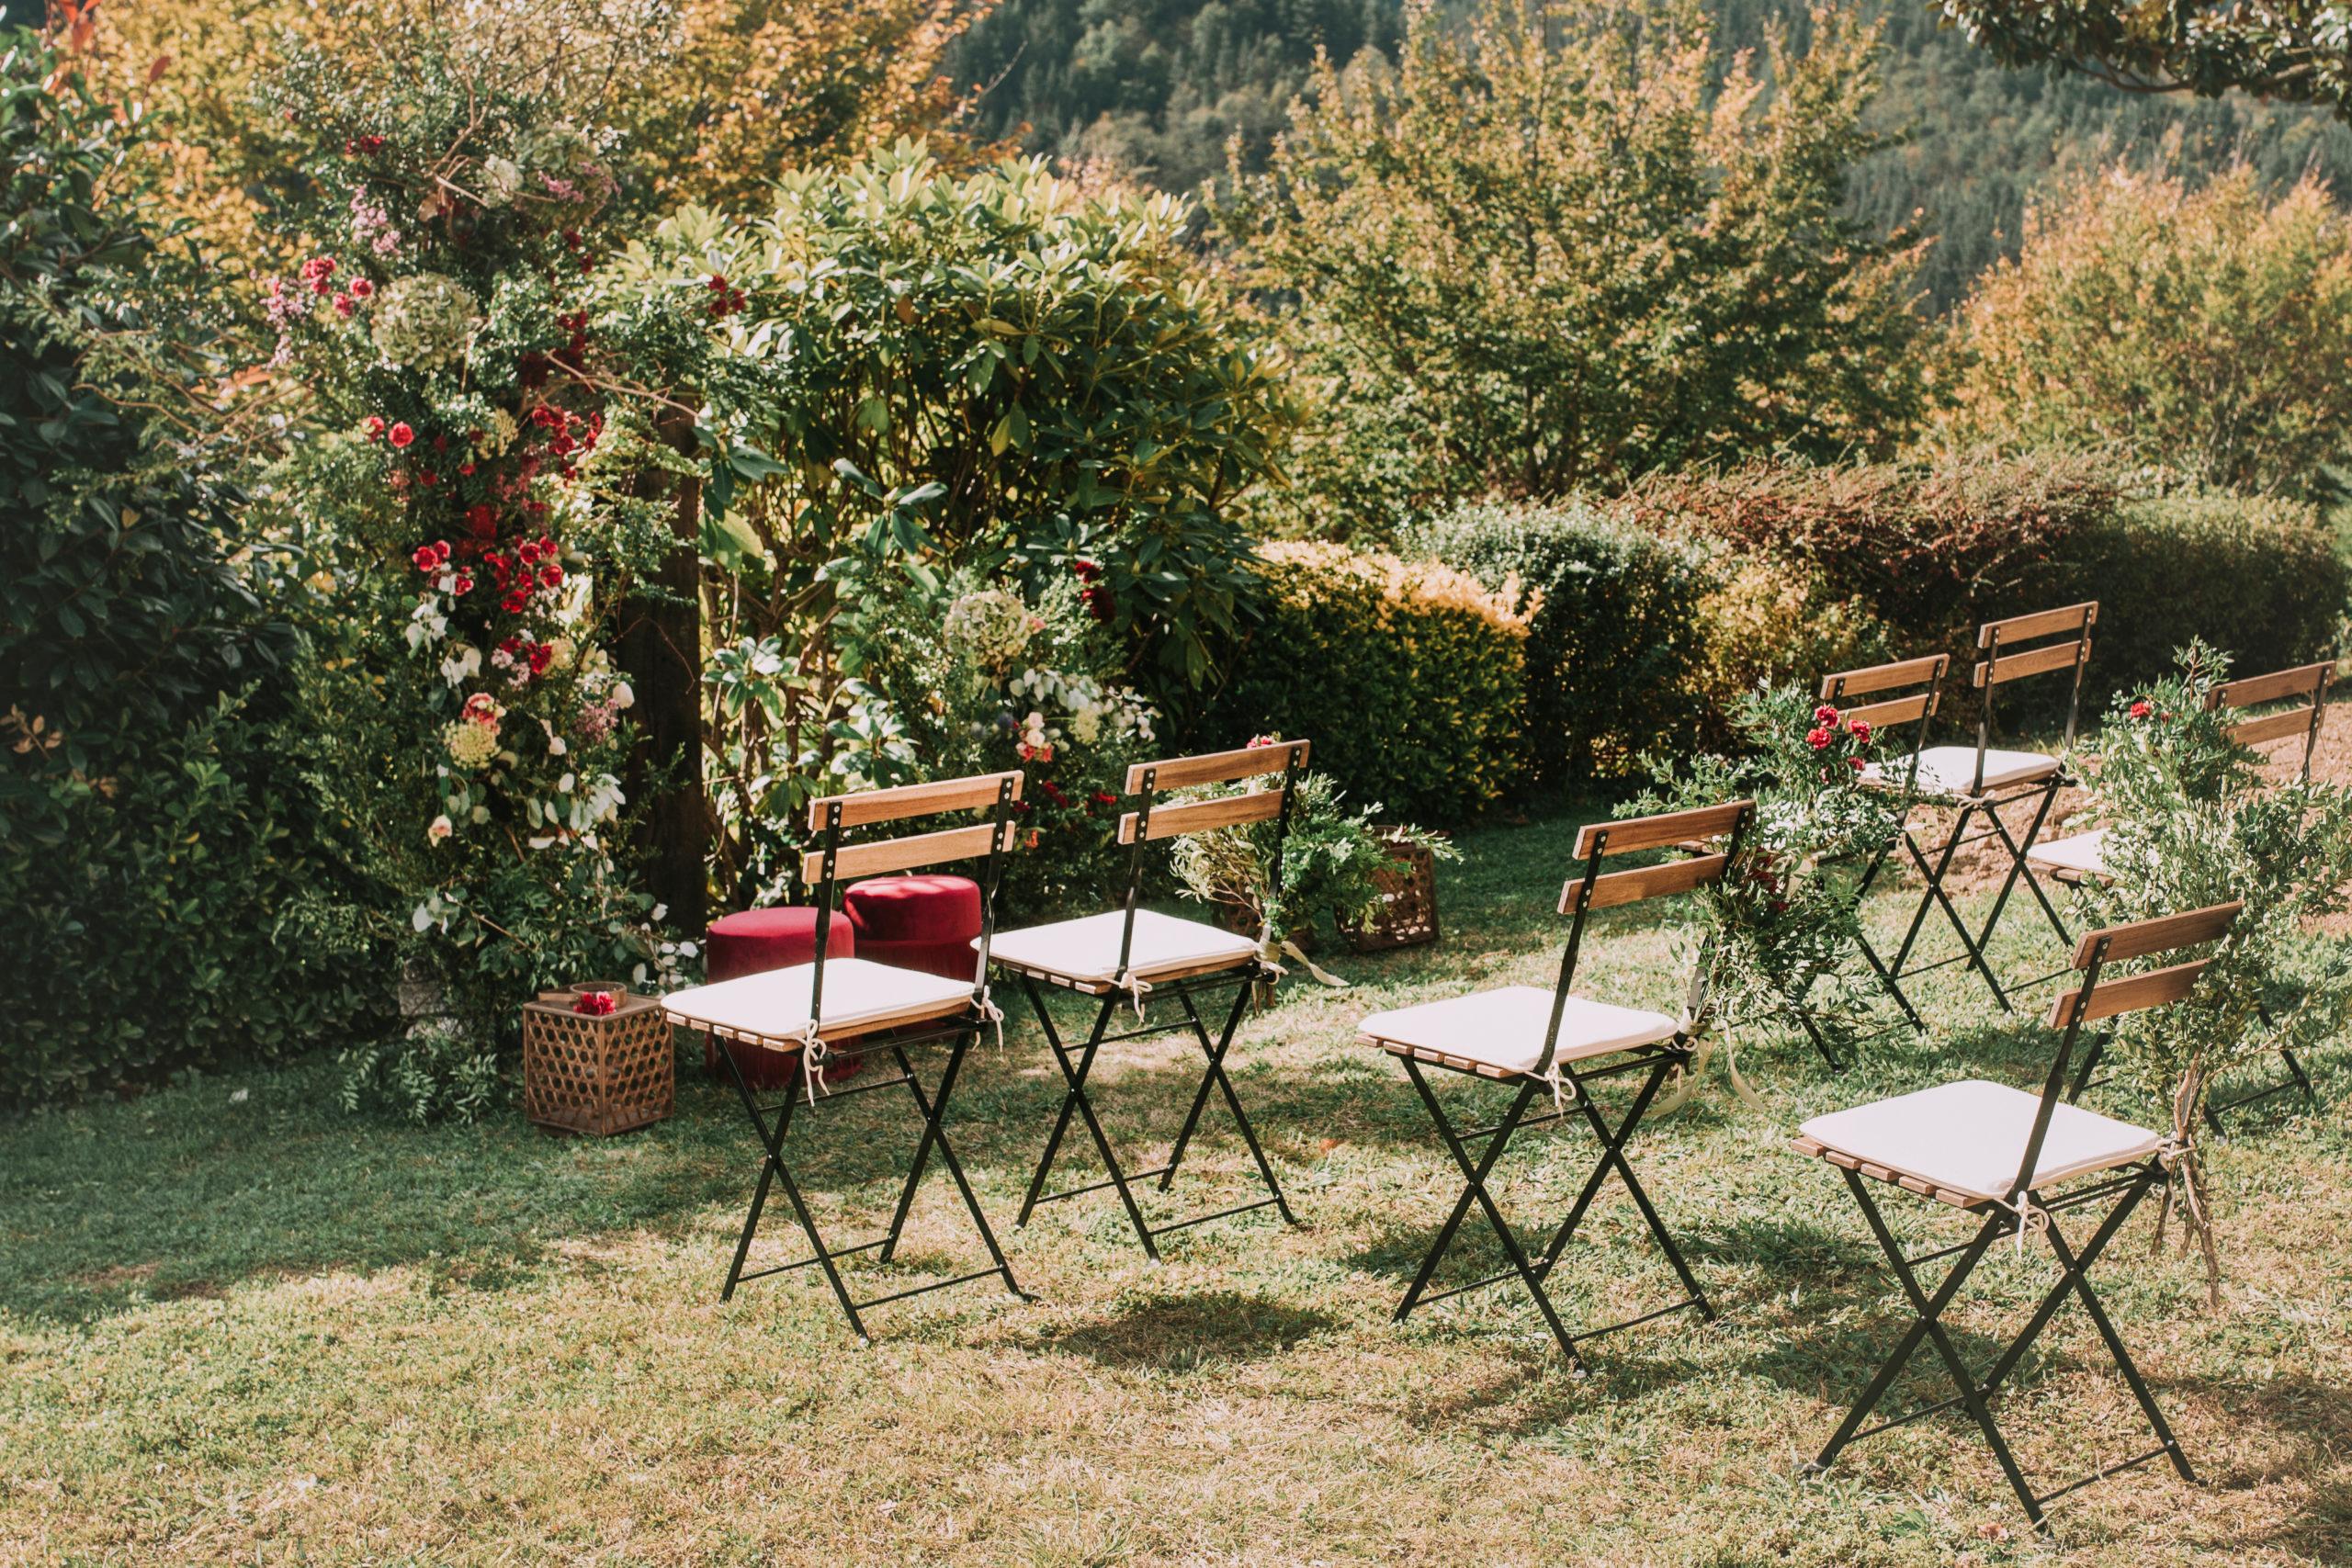 Ceremonia natural con sillas de forja y madera para los invitados